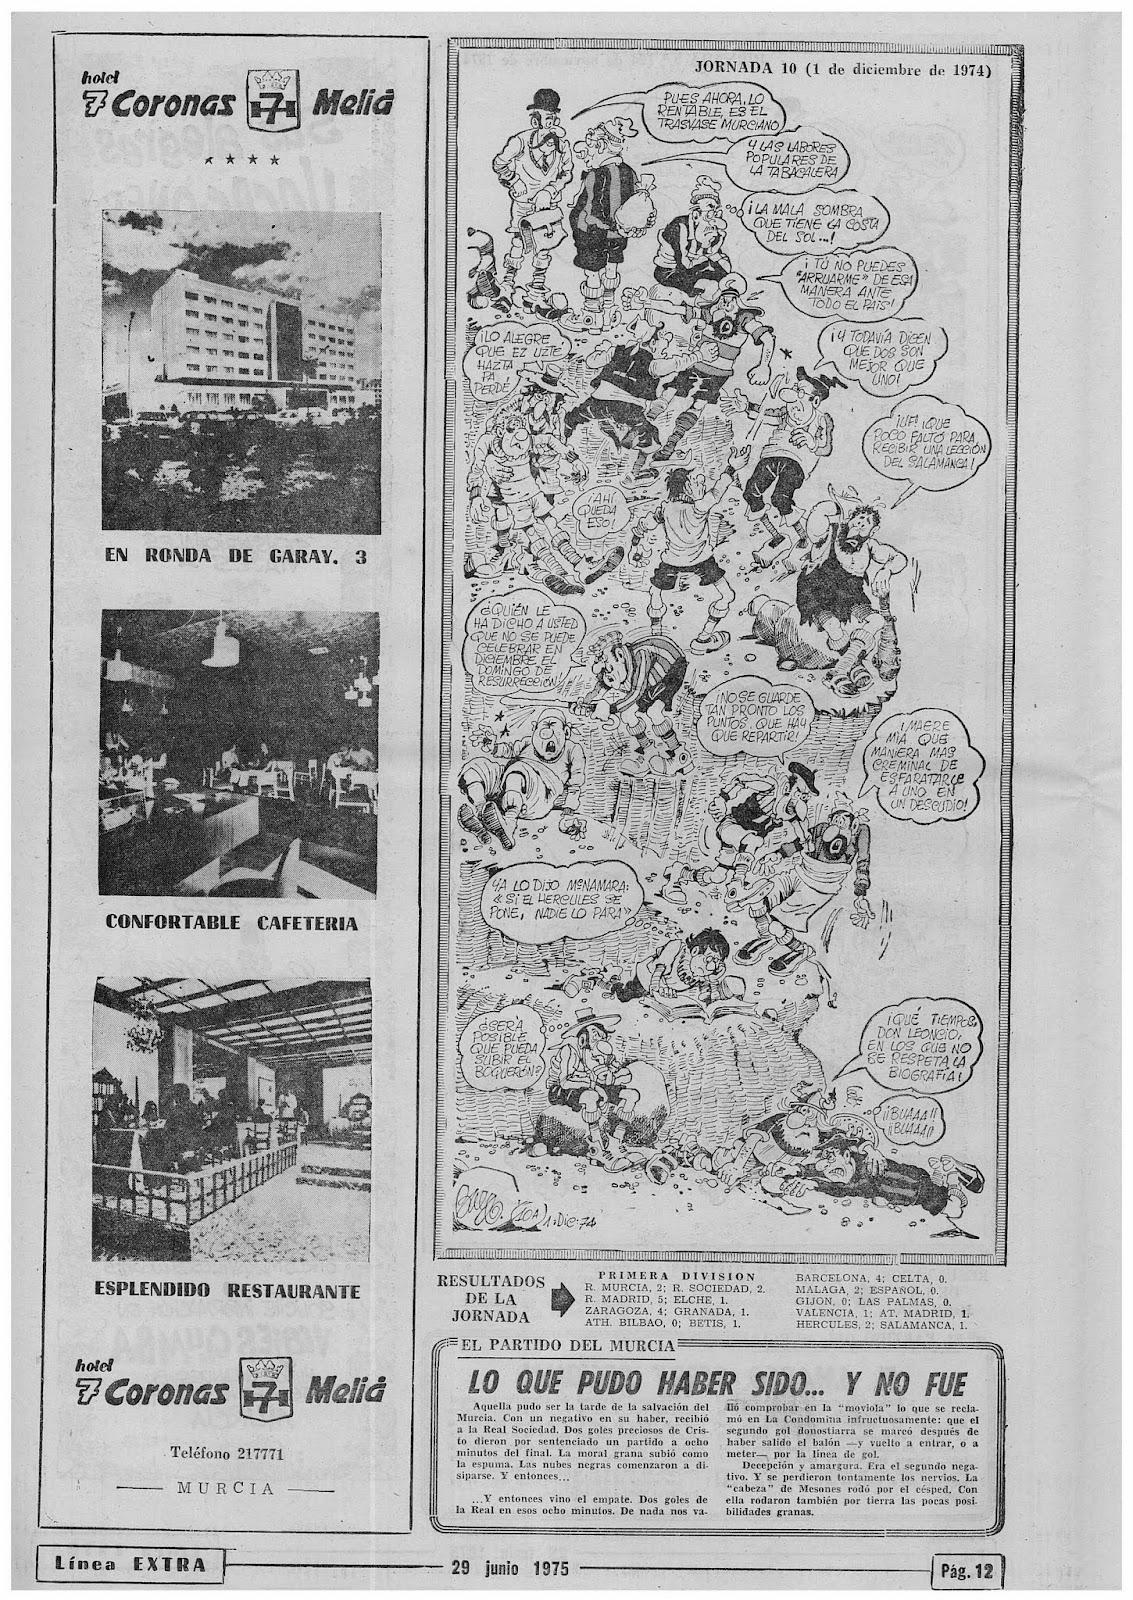 Jornada 10ª de La Conquista de la Cumbre 1974/75 de Baldo ...